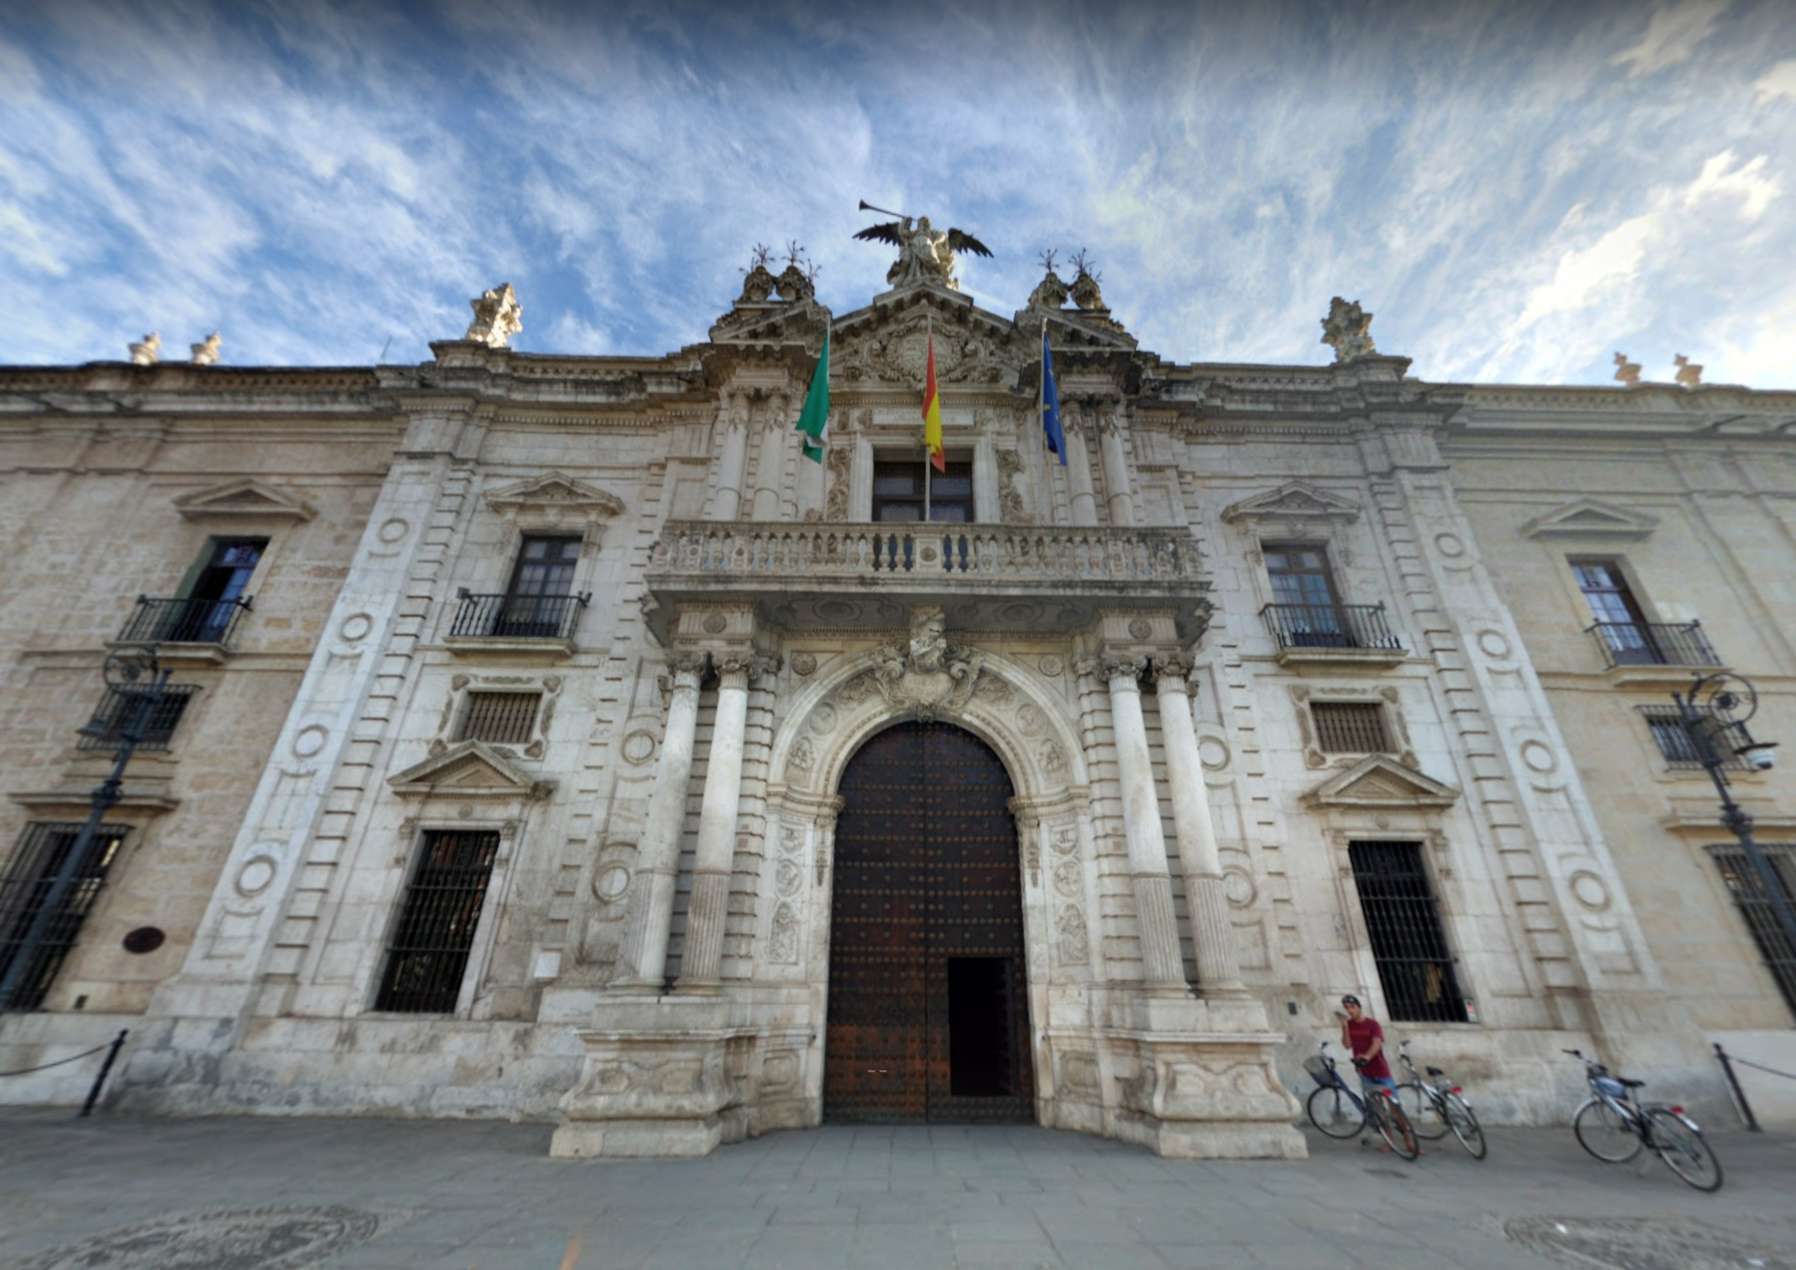 Empleo desbloquea en Sevilla la mitad de las becas de Formación pendientes desde 2010